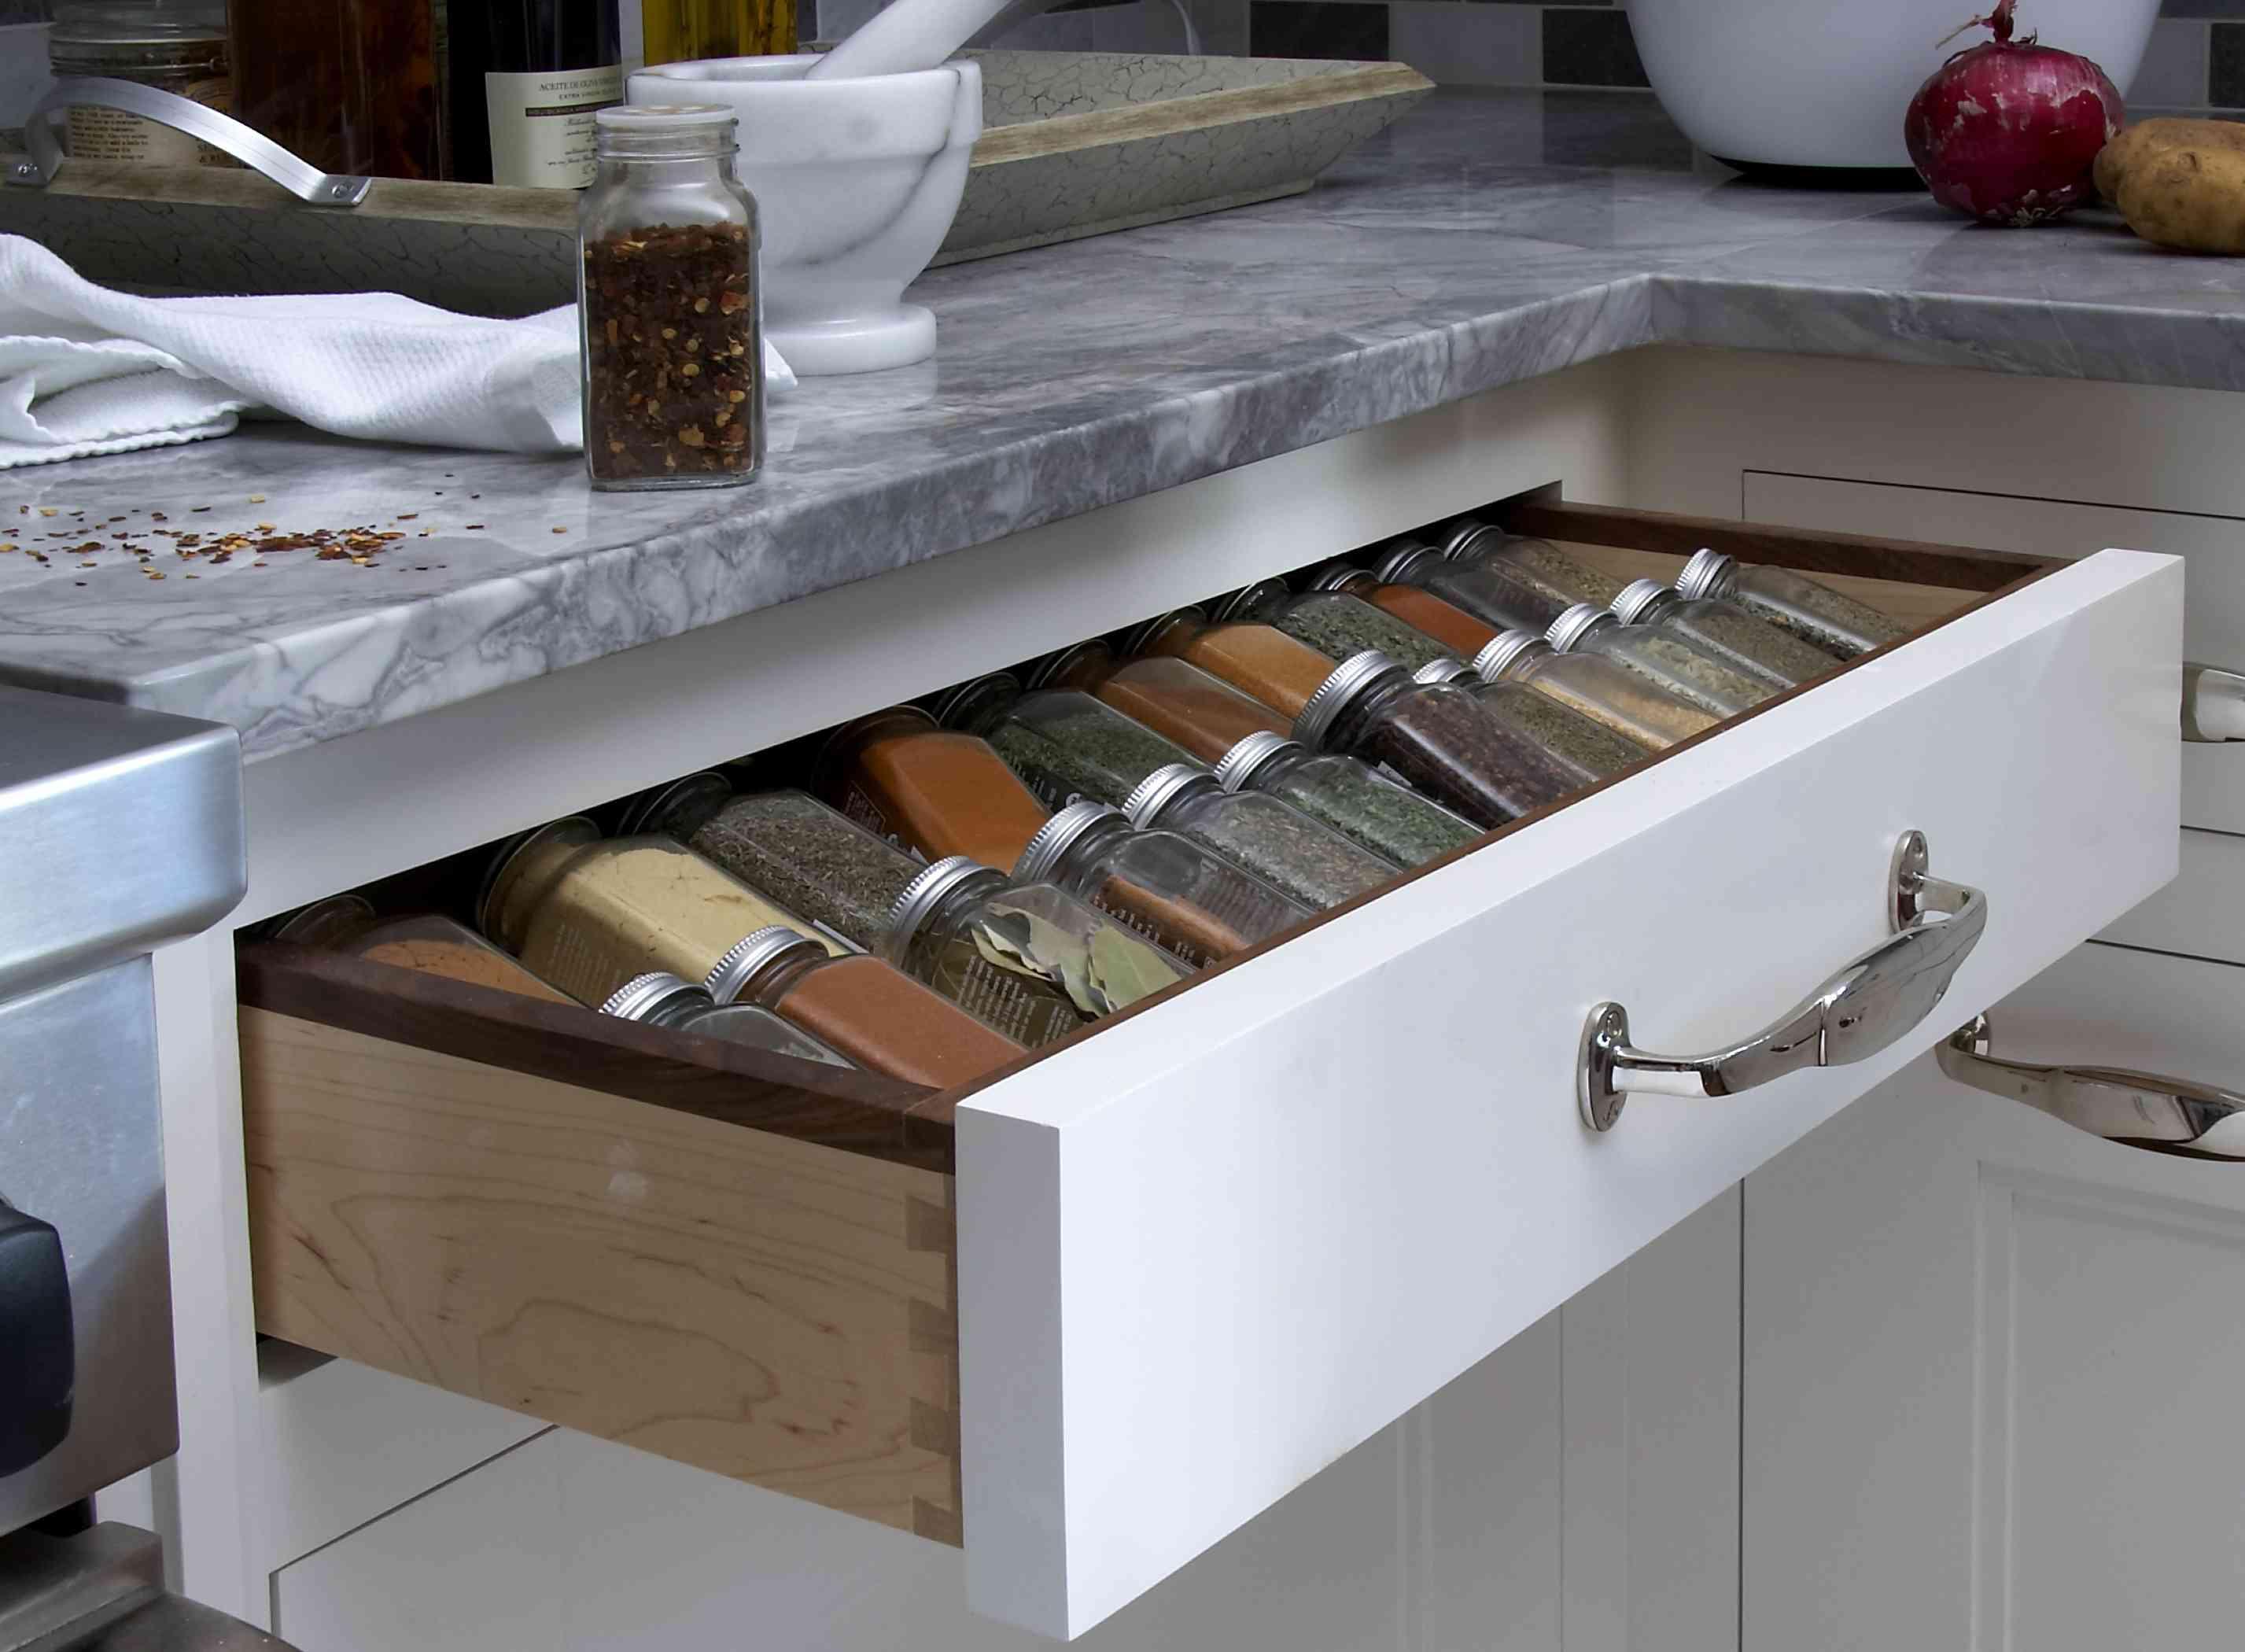 especias ocultas en el cajón de la cocina